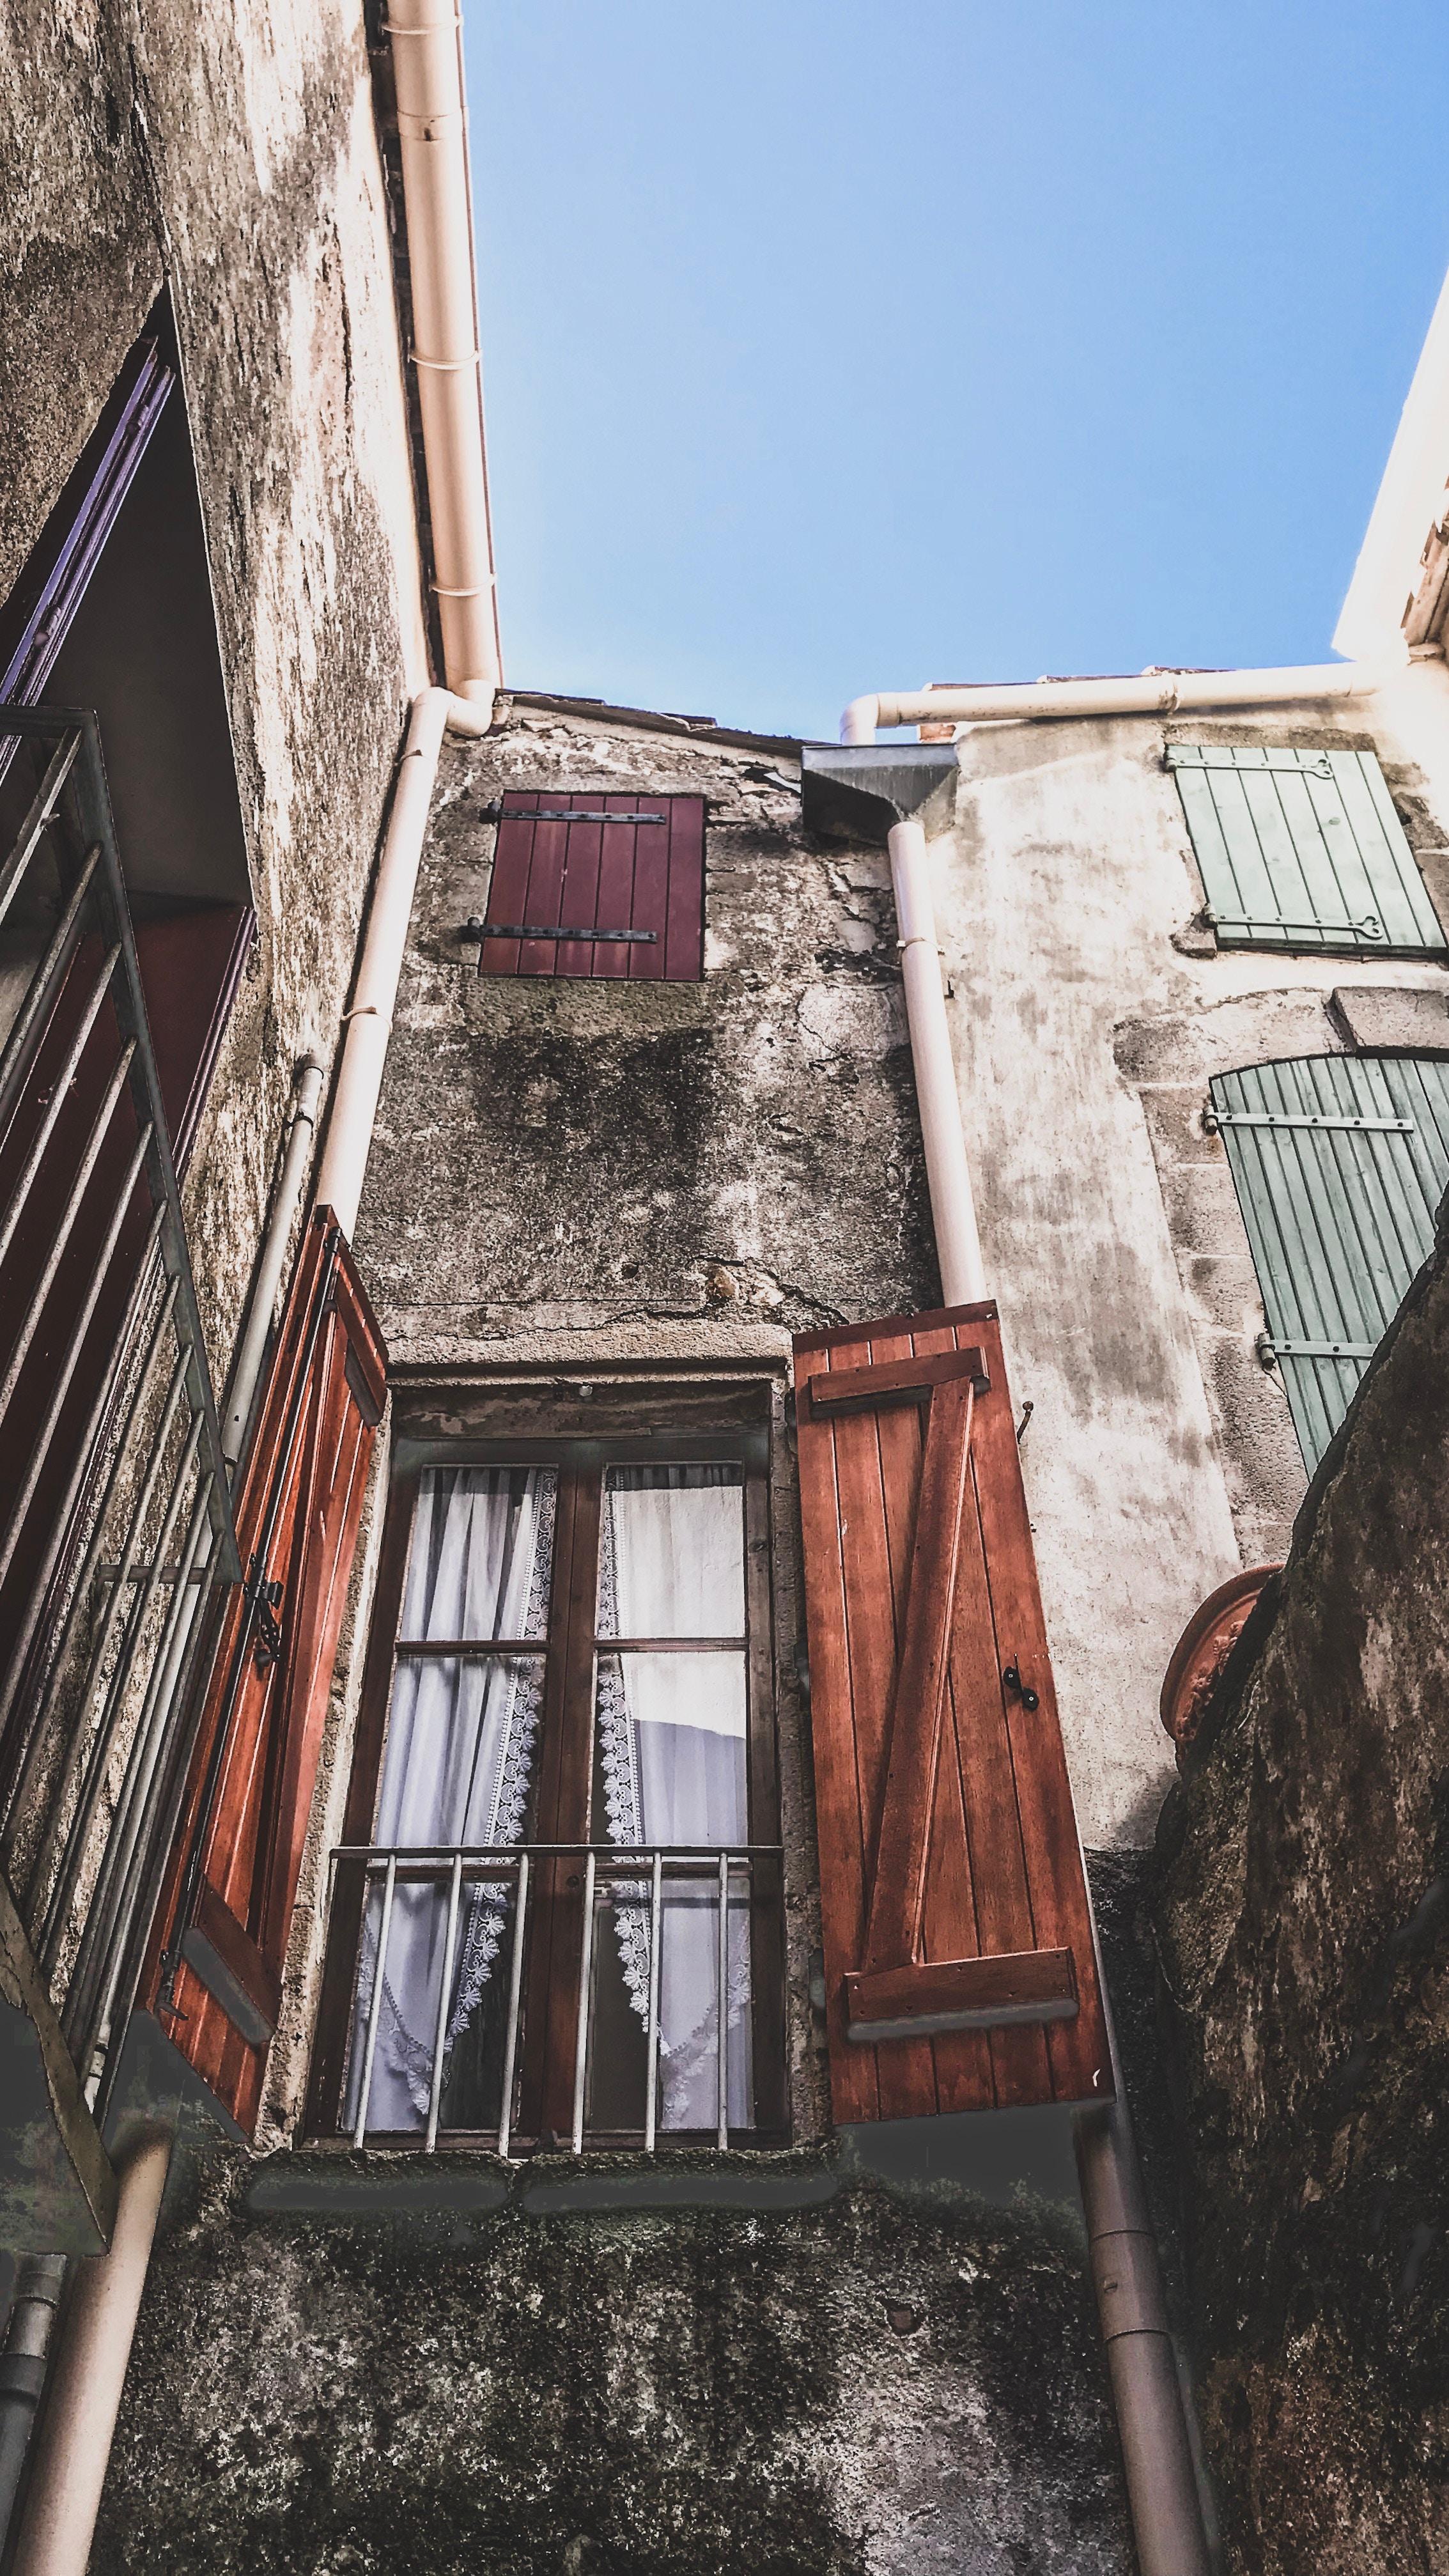 Ristrutturare una vecchia casa for Ristrutturare una casa vecchia